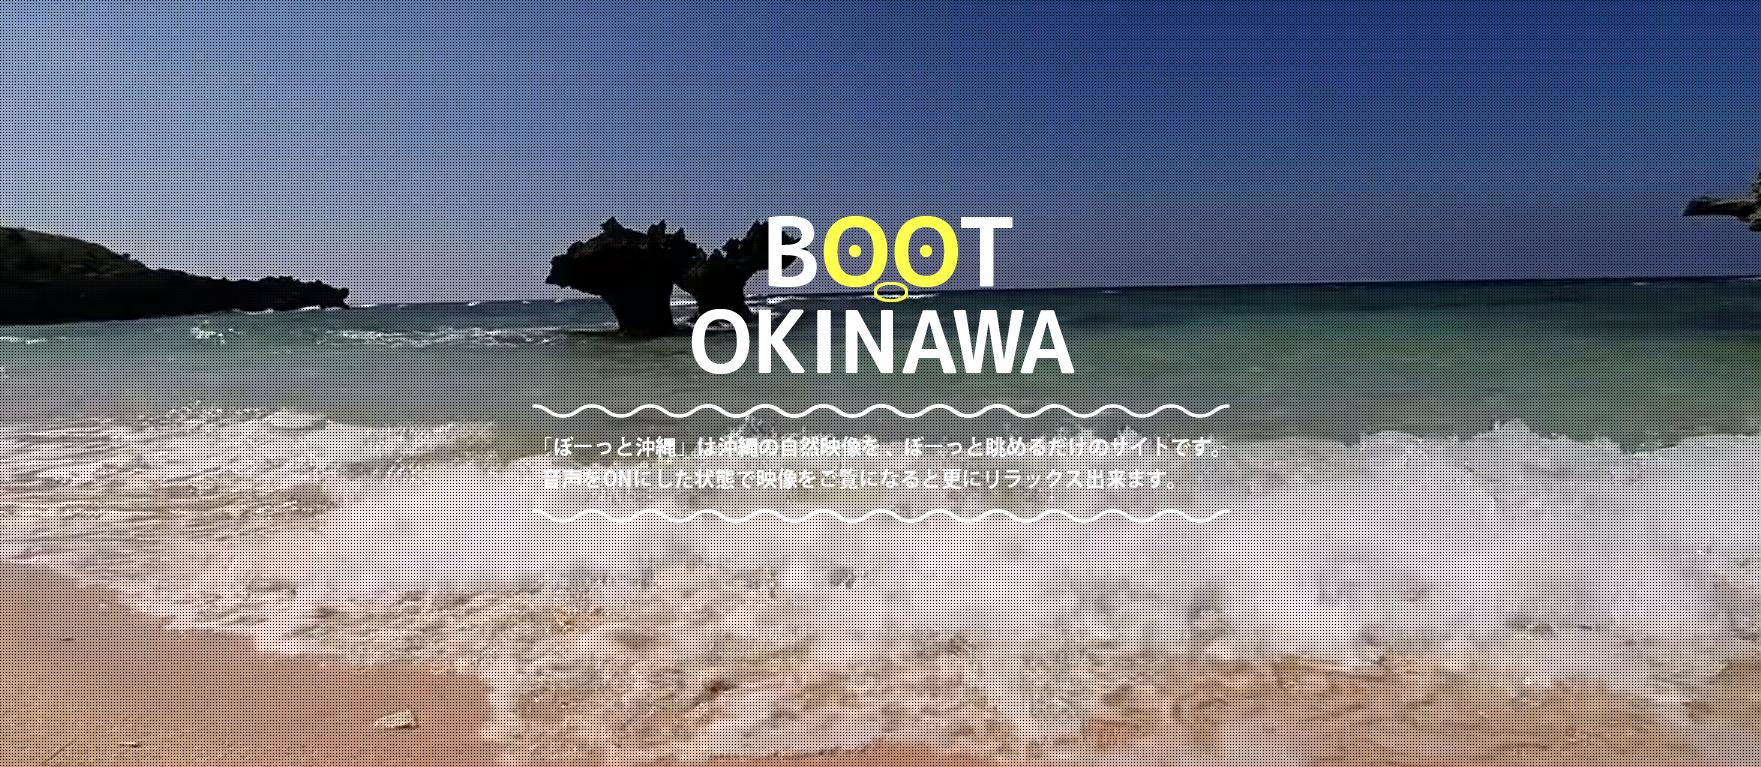 boootokinawa